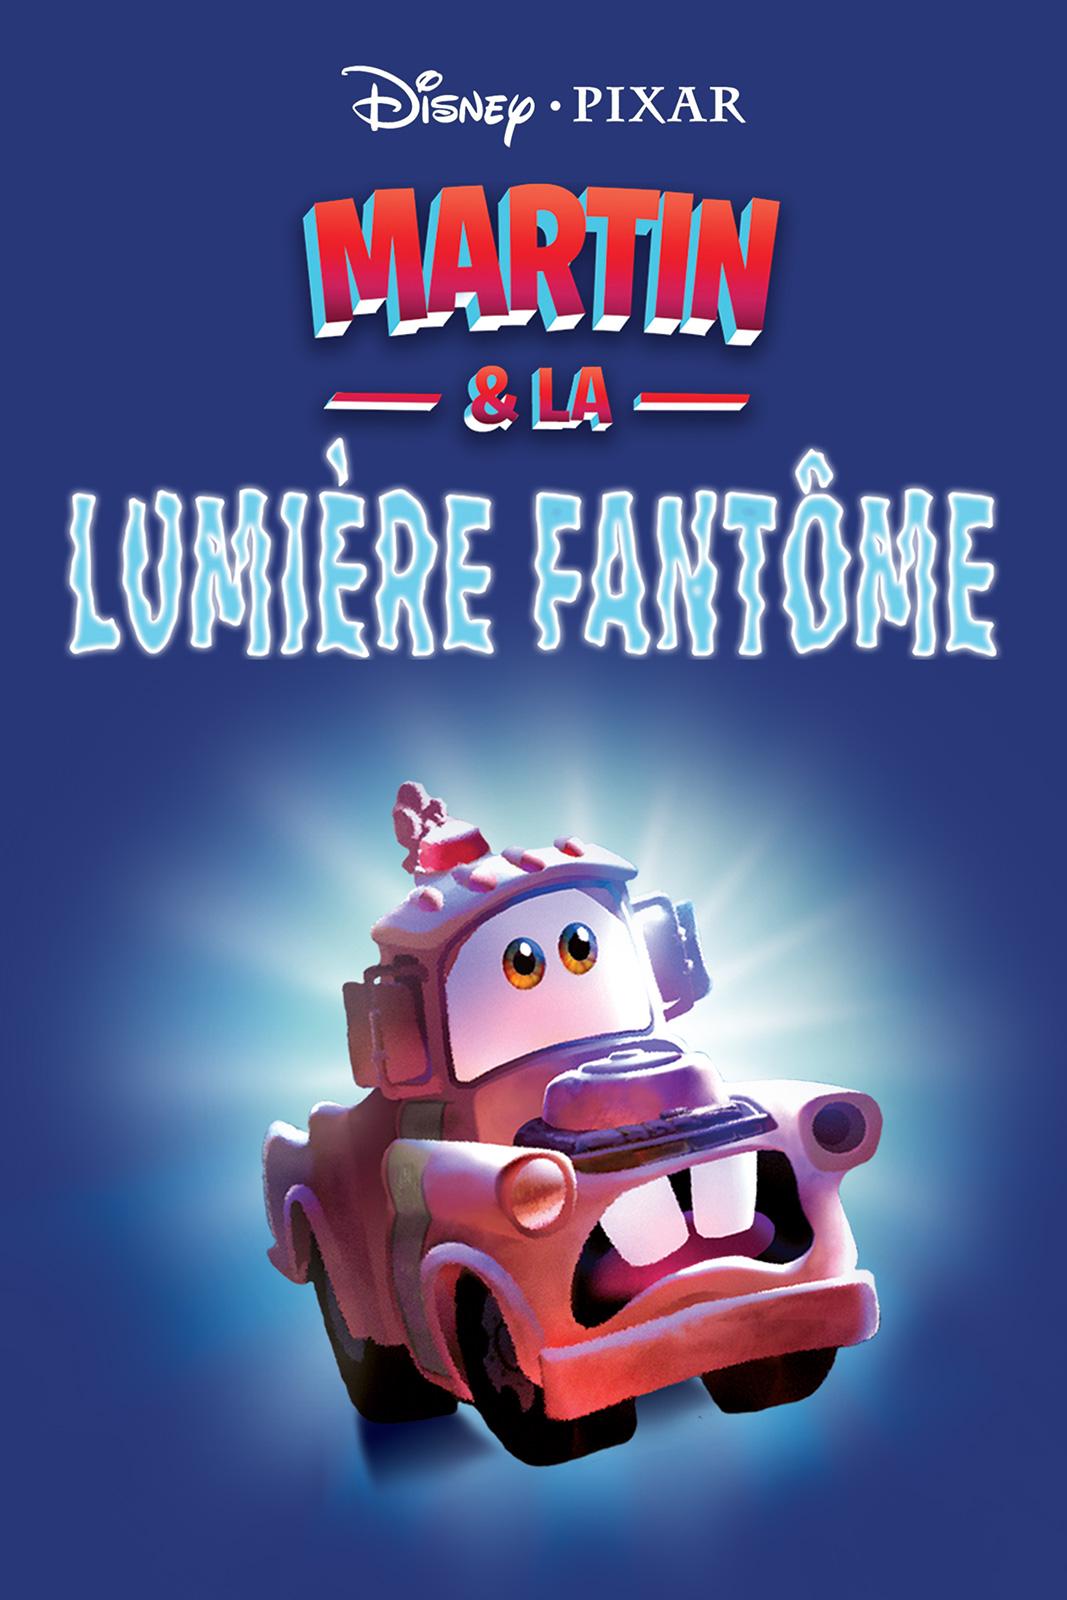 Martin Et La Lumière Fantôme : martin, lumière, fantôme, Martin, Lumière, Fantôme, Court, Métrage, AlloCiné